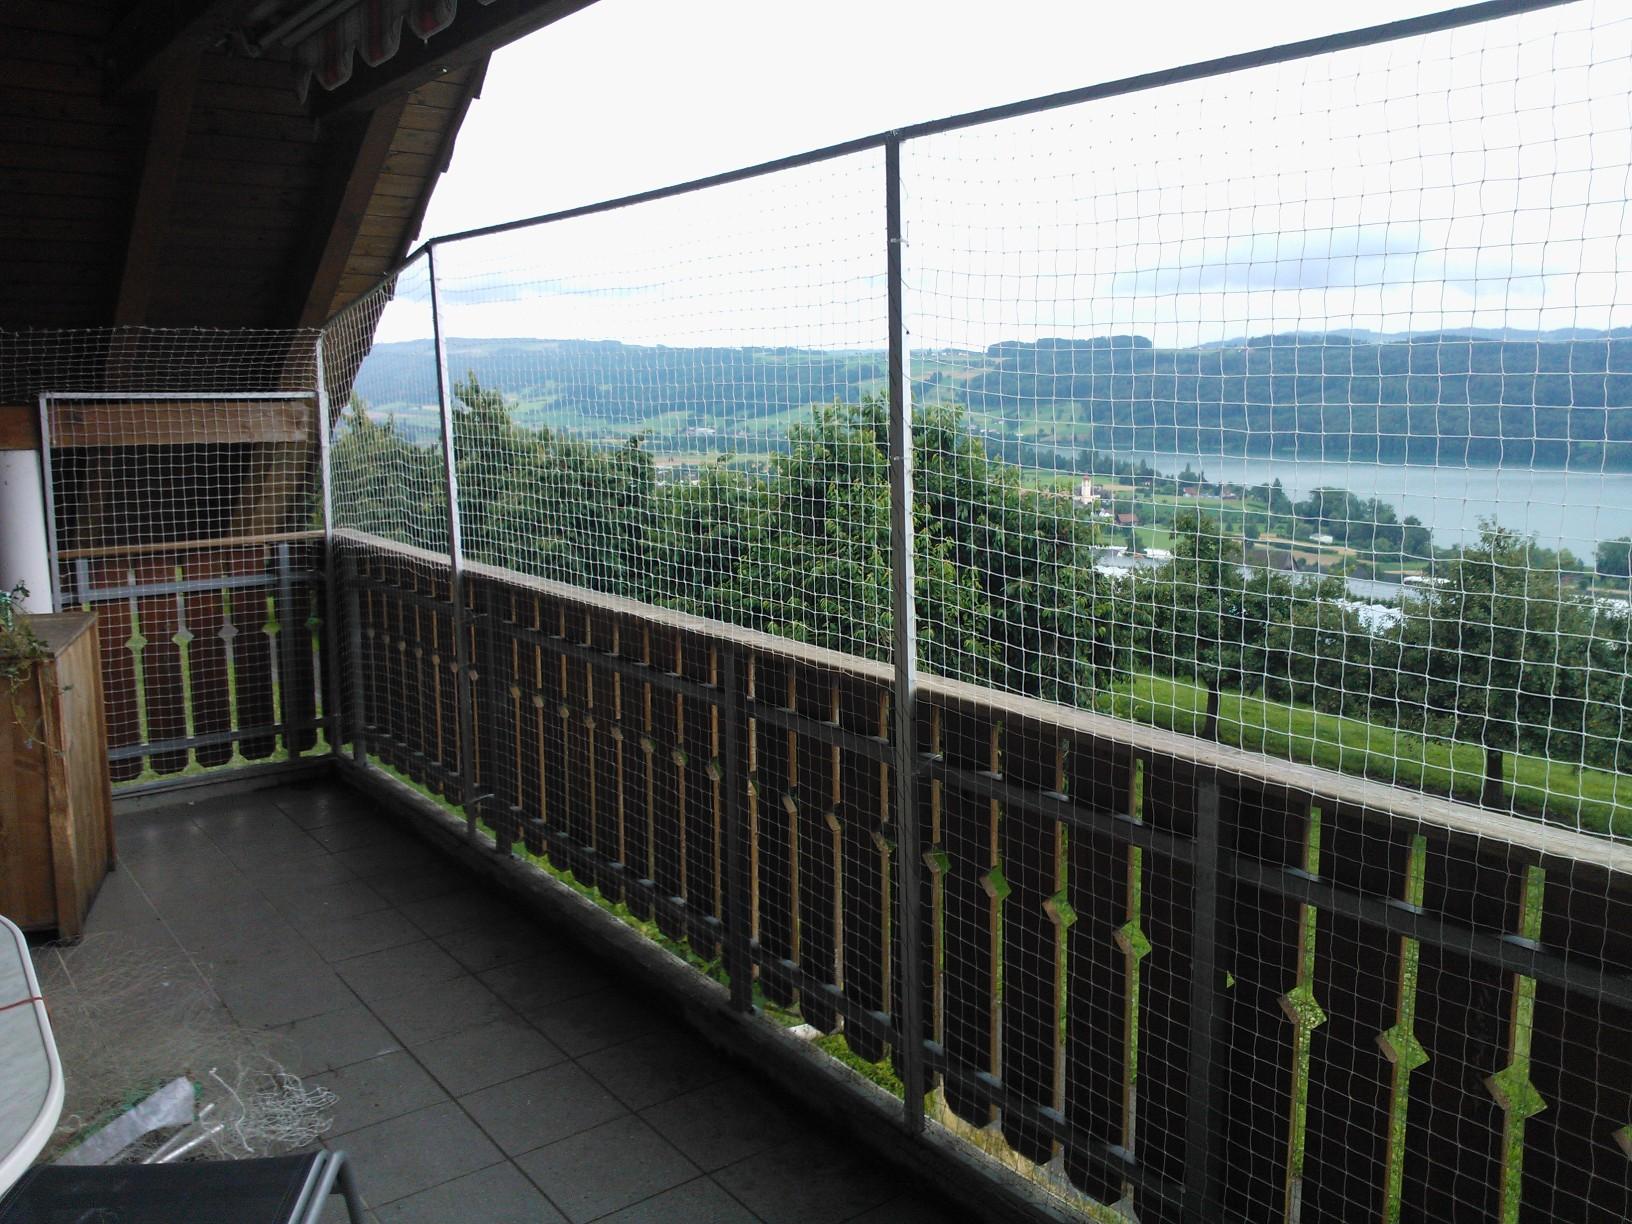 katzennetz f r balkon katzennetz nrw die adresse f r ein. Black Bedroom Furniture Sets. Home Design Ideas